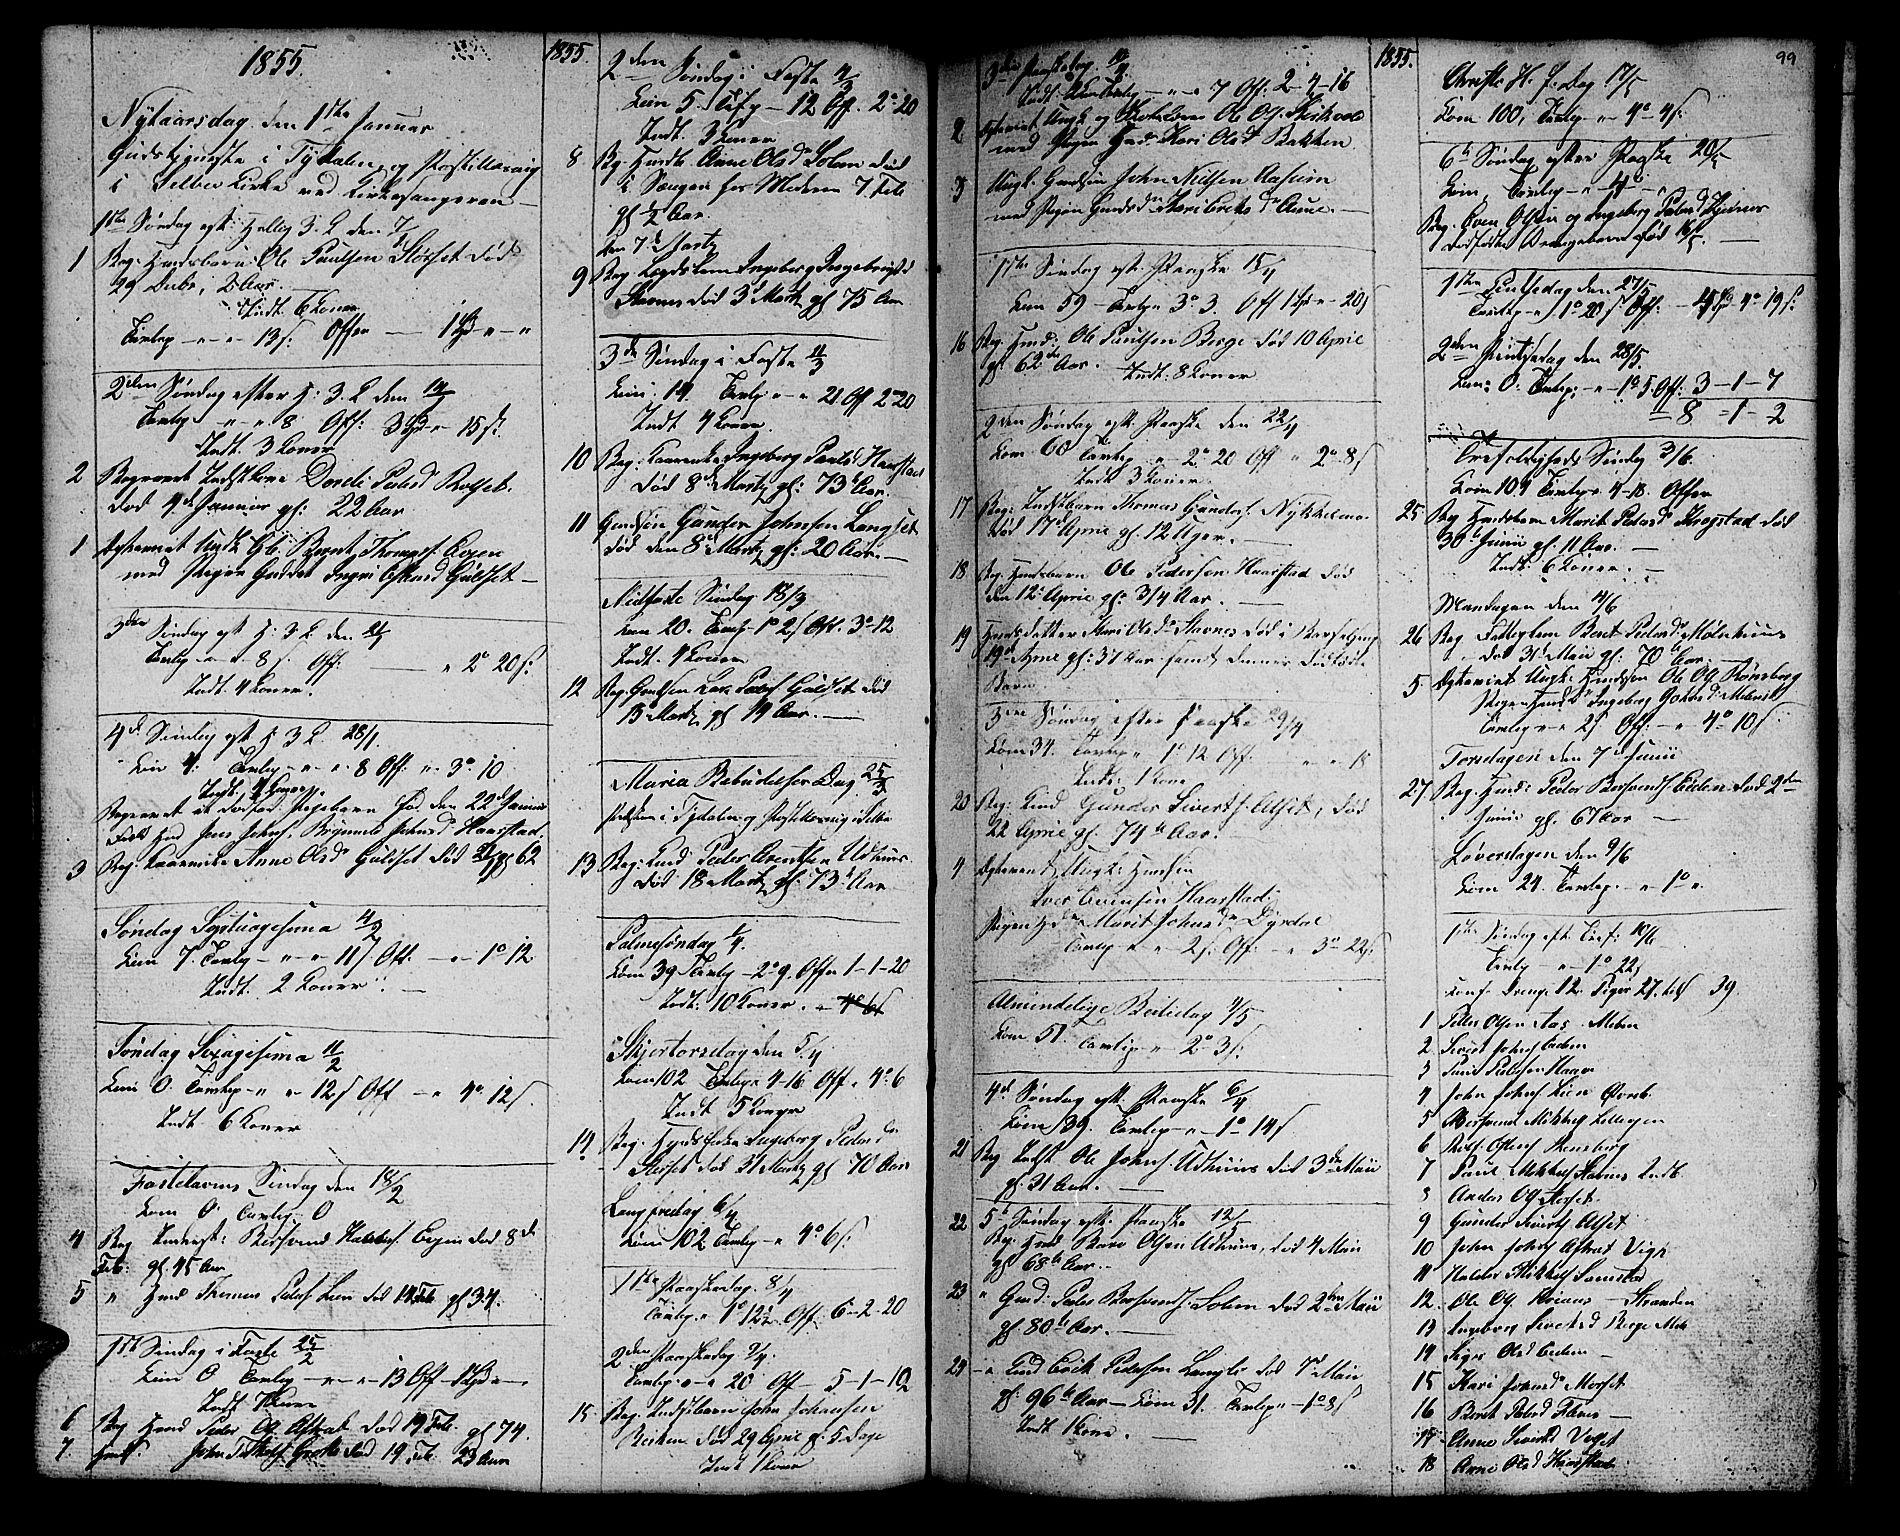 SAT, Ministerialprotokoller, klokkerbøker og fødselsregistre - Sør-Trøndelag, 695/L1154: Klokkerbok nr. 695C05, 1842-1858, s. 99